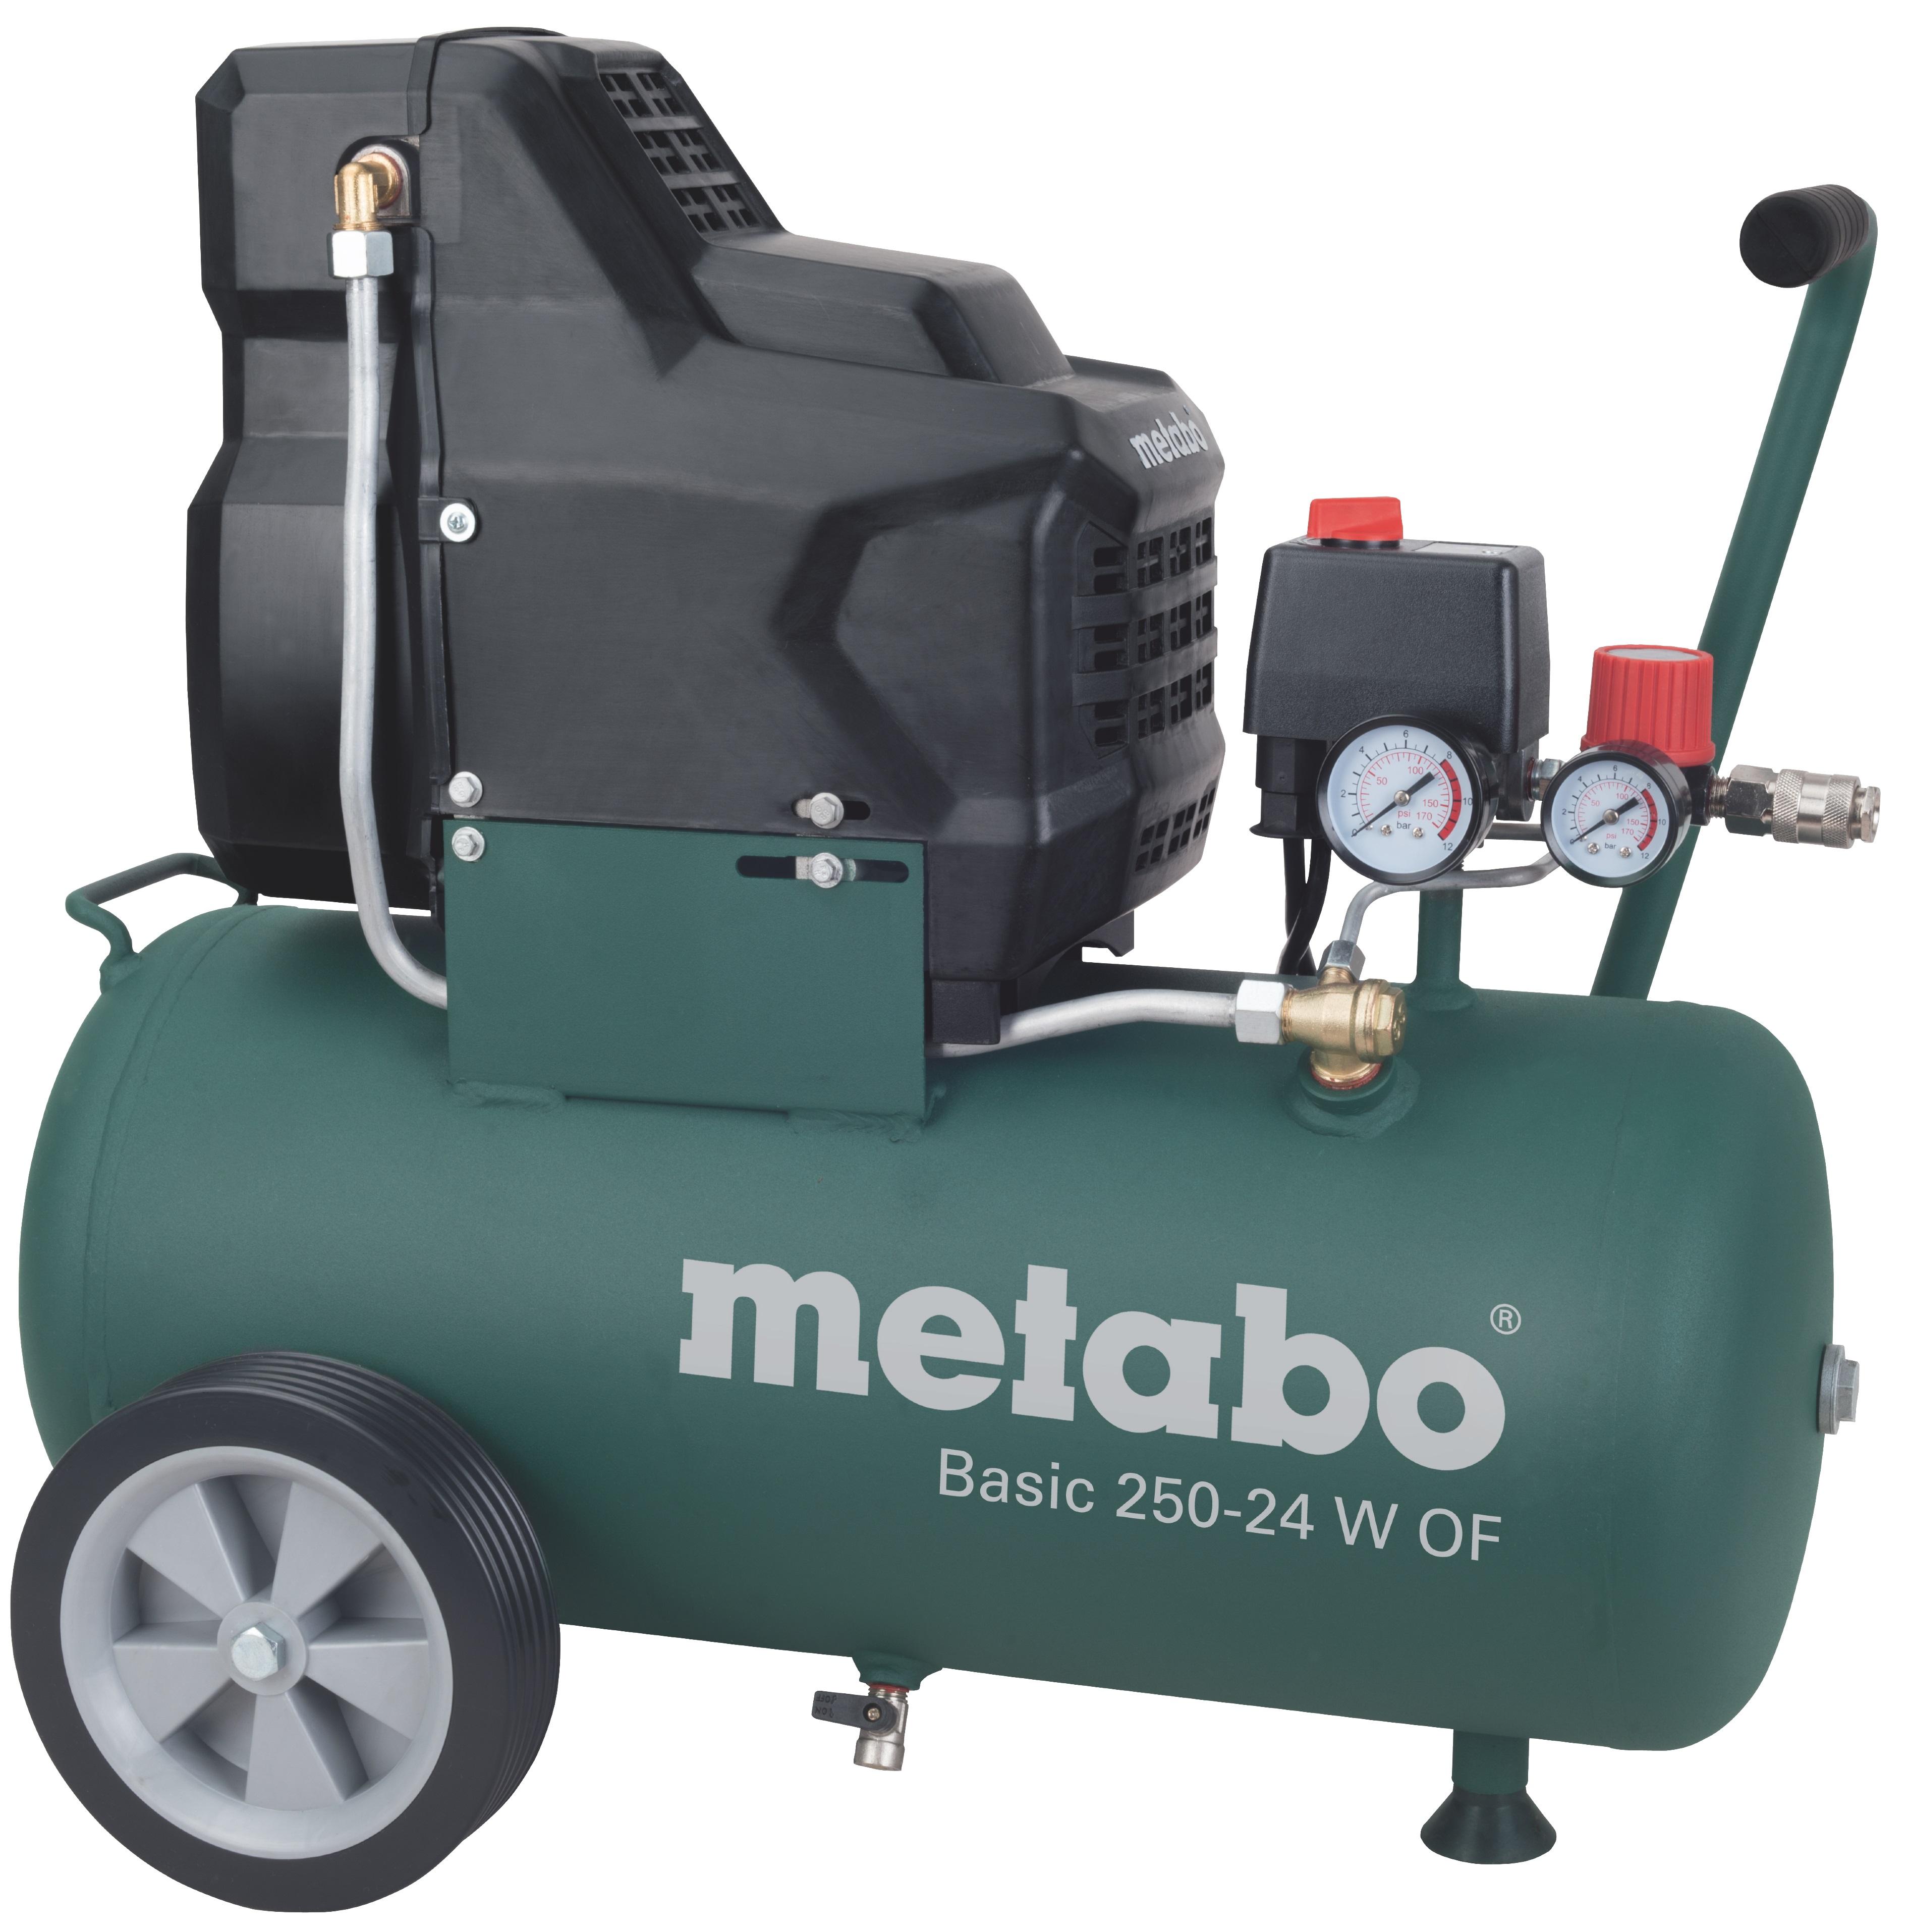 Metabo Basic 250-24 W OF olajmentes kompresszor + LPZ4 levegős szett